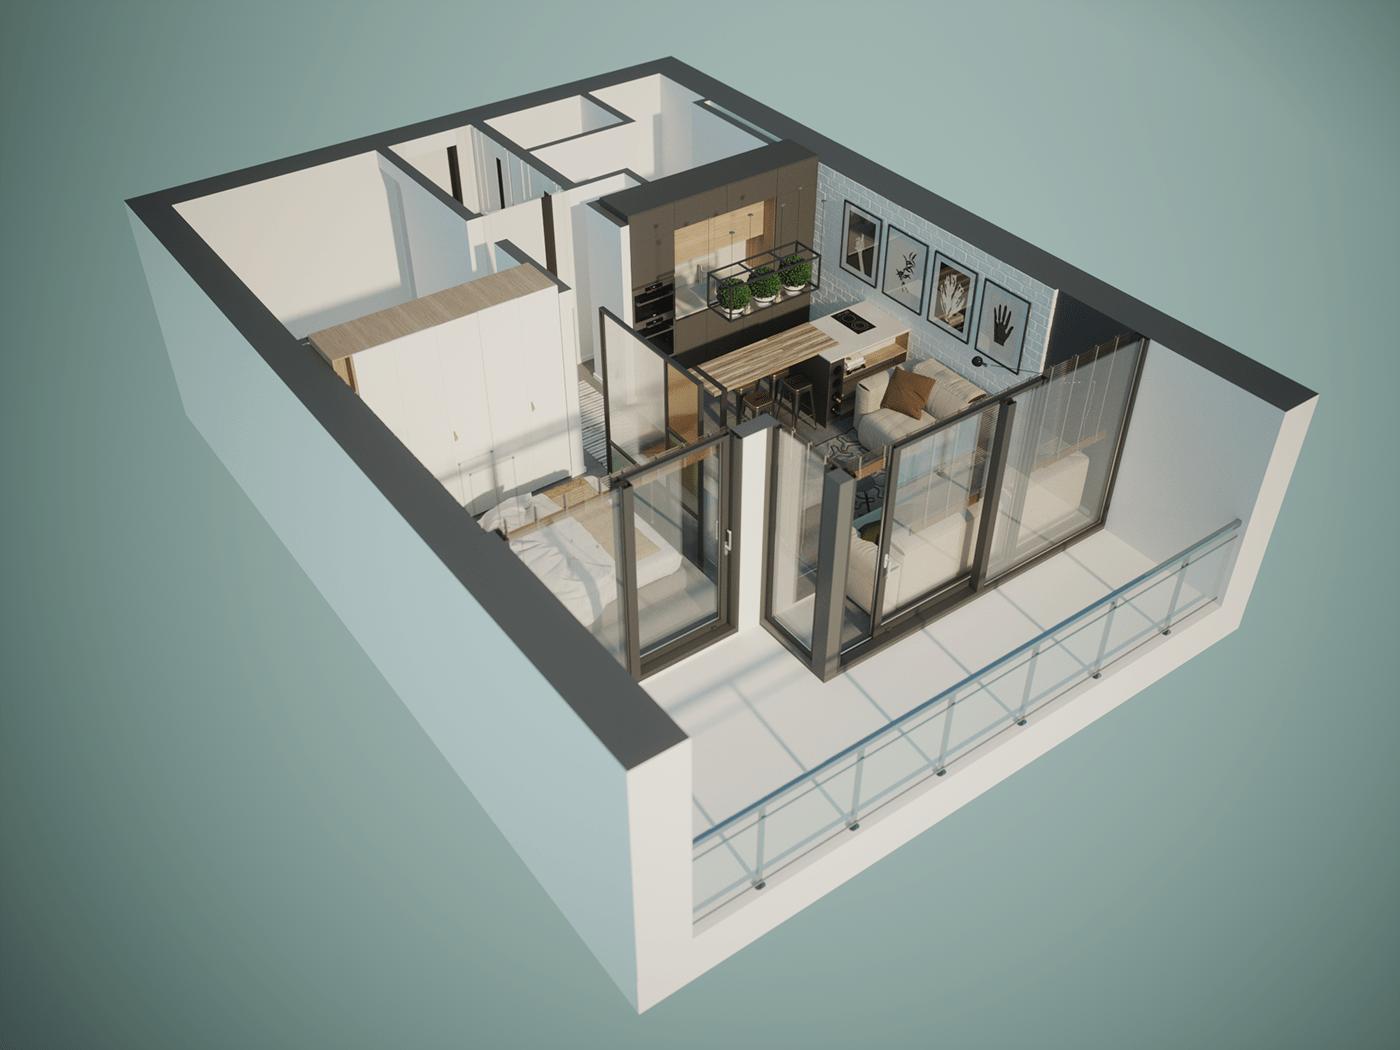 3ds max archviz FStorm industrial interior design  White Walls